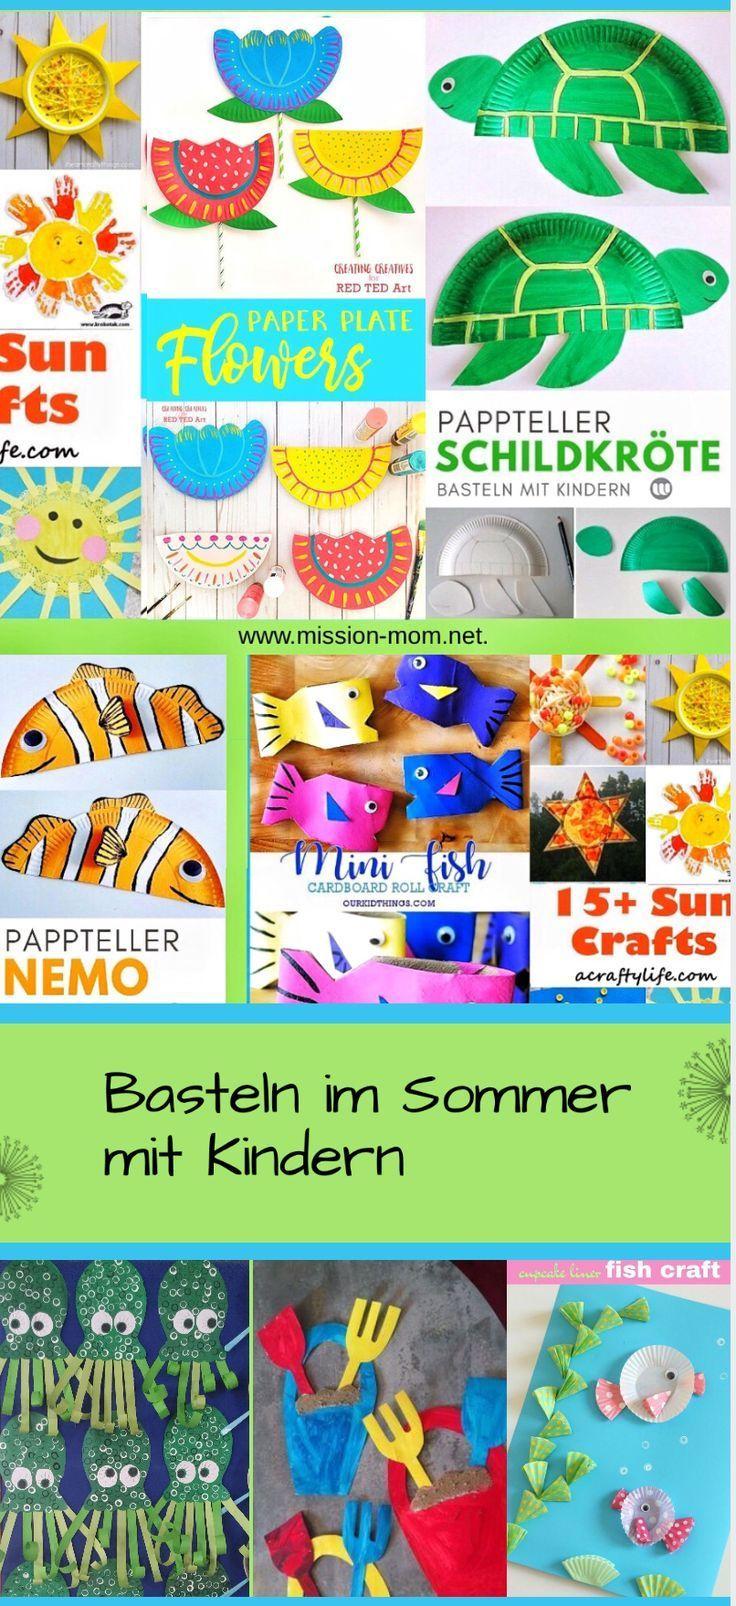 Artesanato com as crianças no verão – grandes idéias, simplesmente implementadas